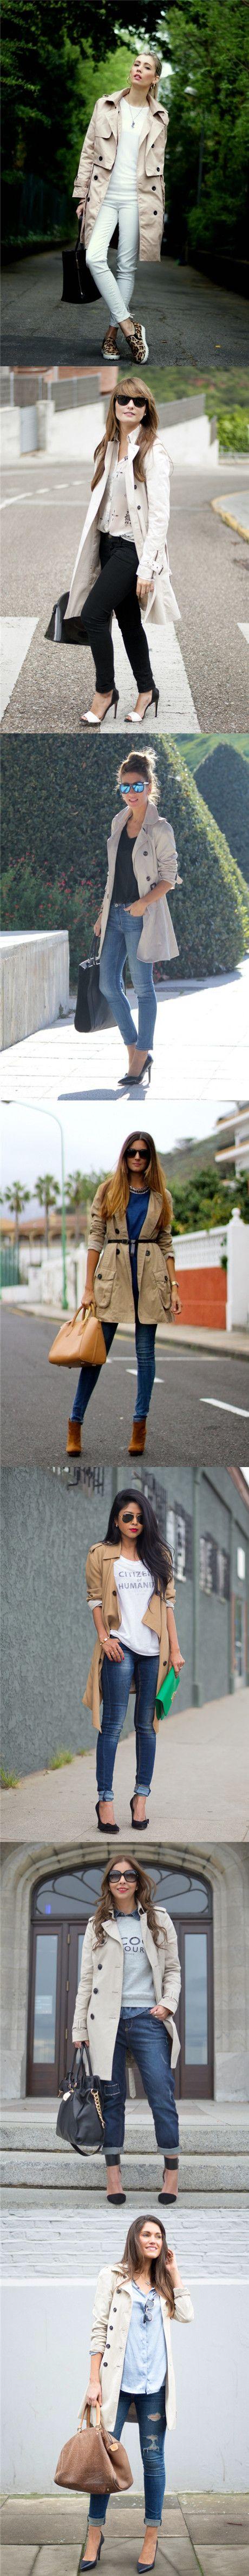 Trench coats à moda para um olhar elegante